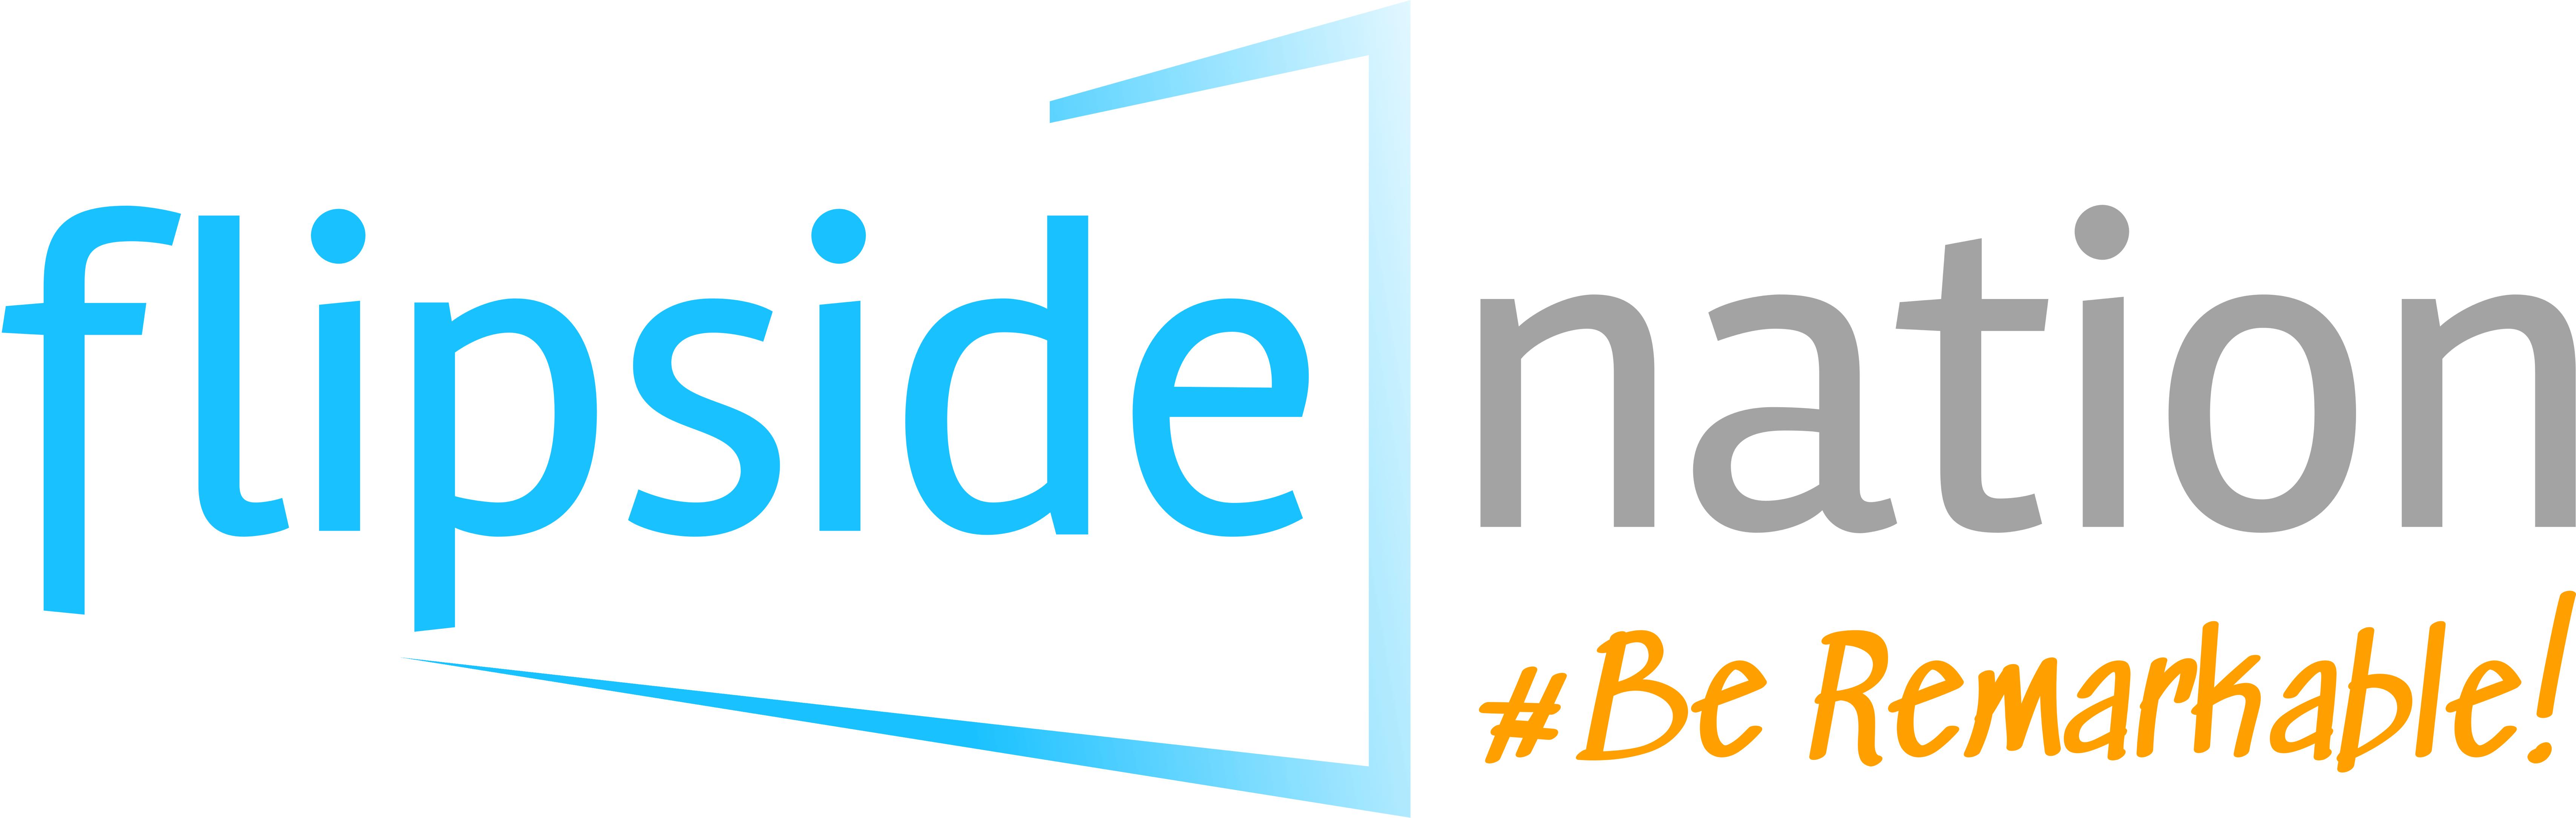 Flipside-Nation-Be-Remarkable-Website-Design-Logo